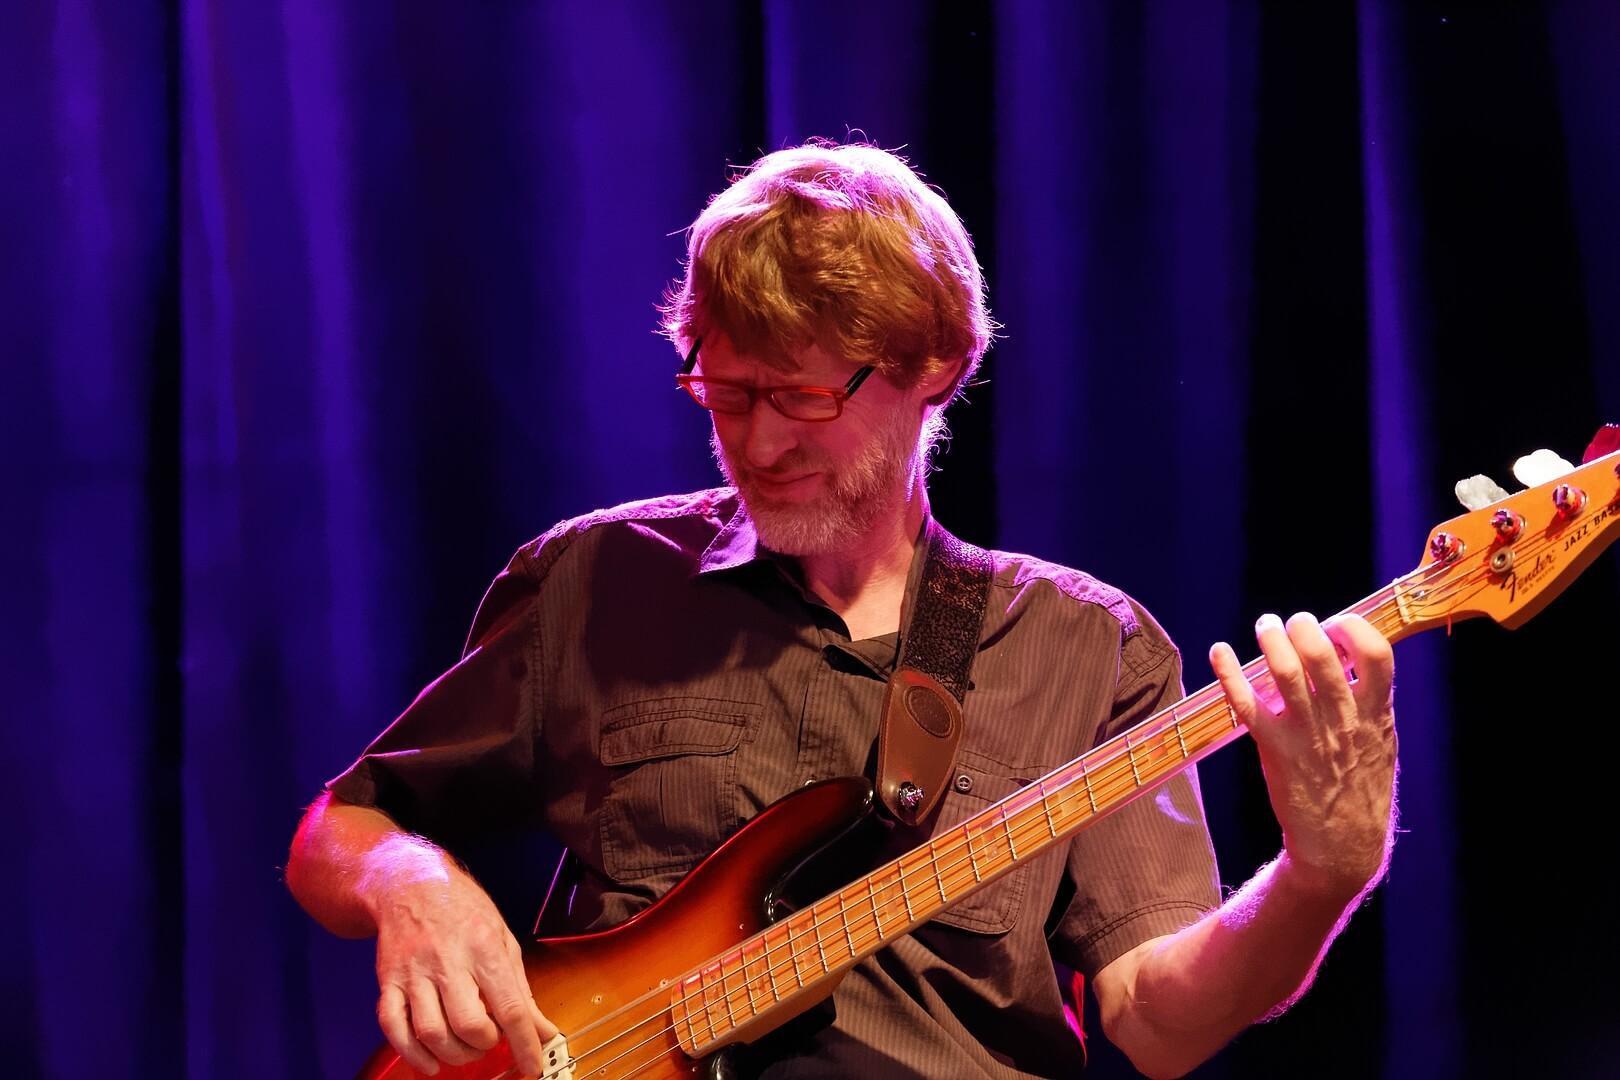 Klaus Stahlschmidt - Bass